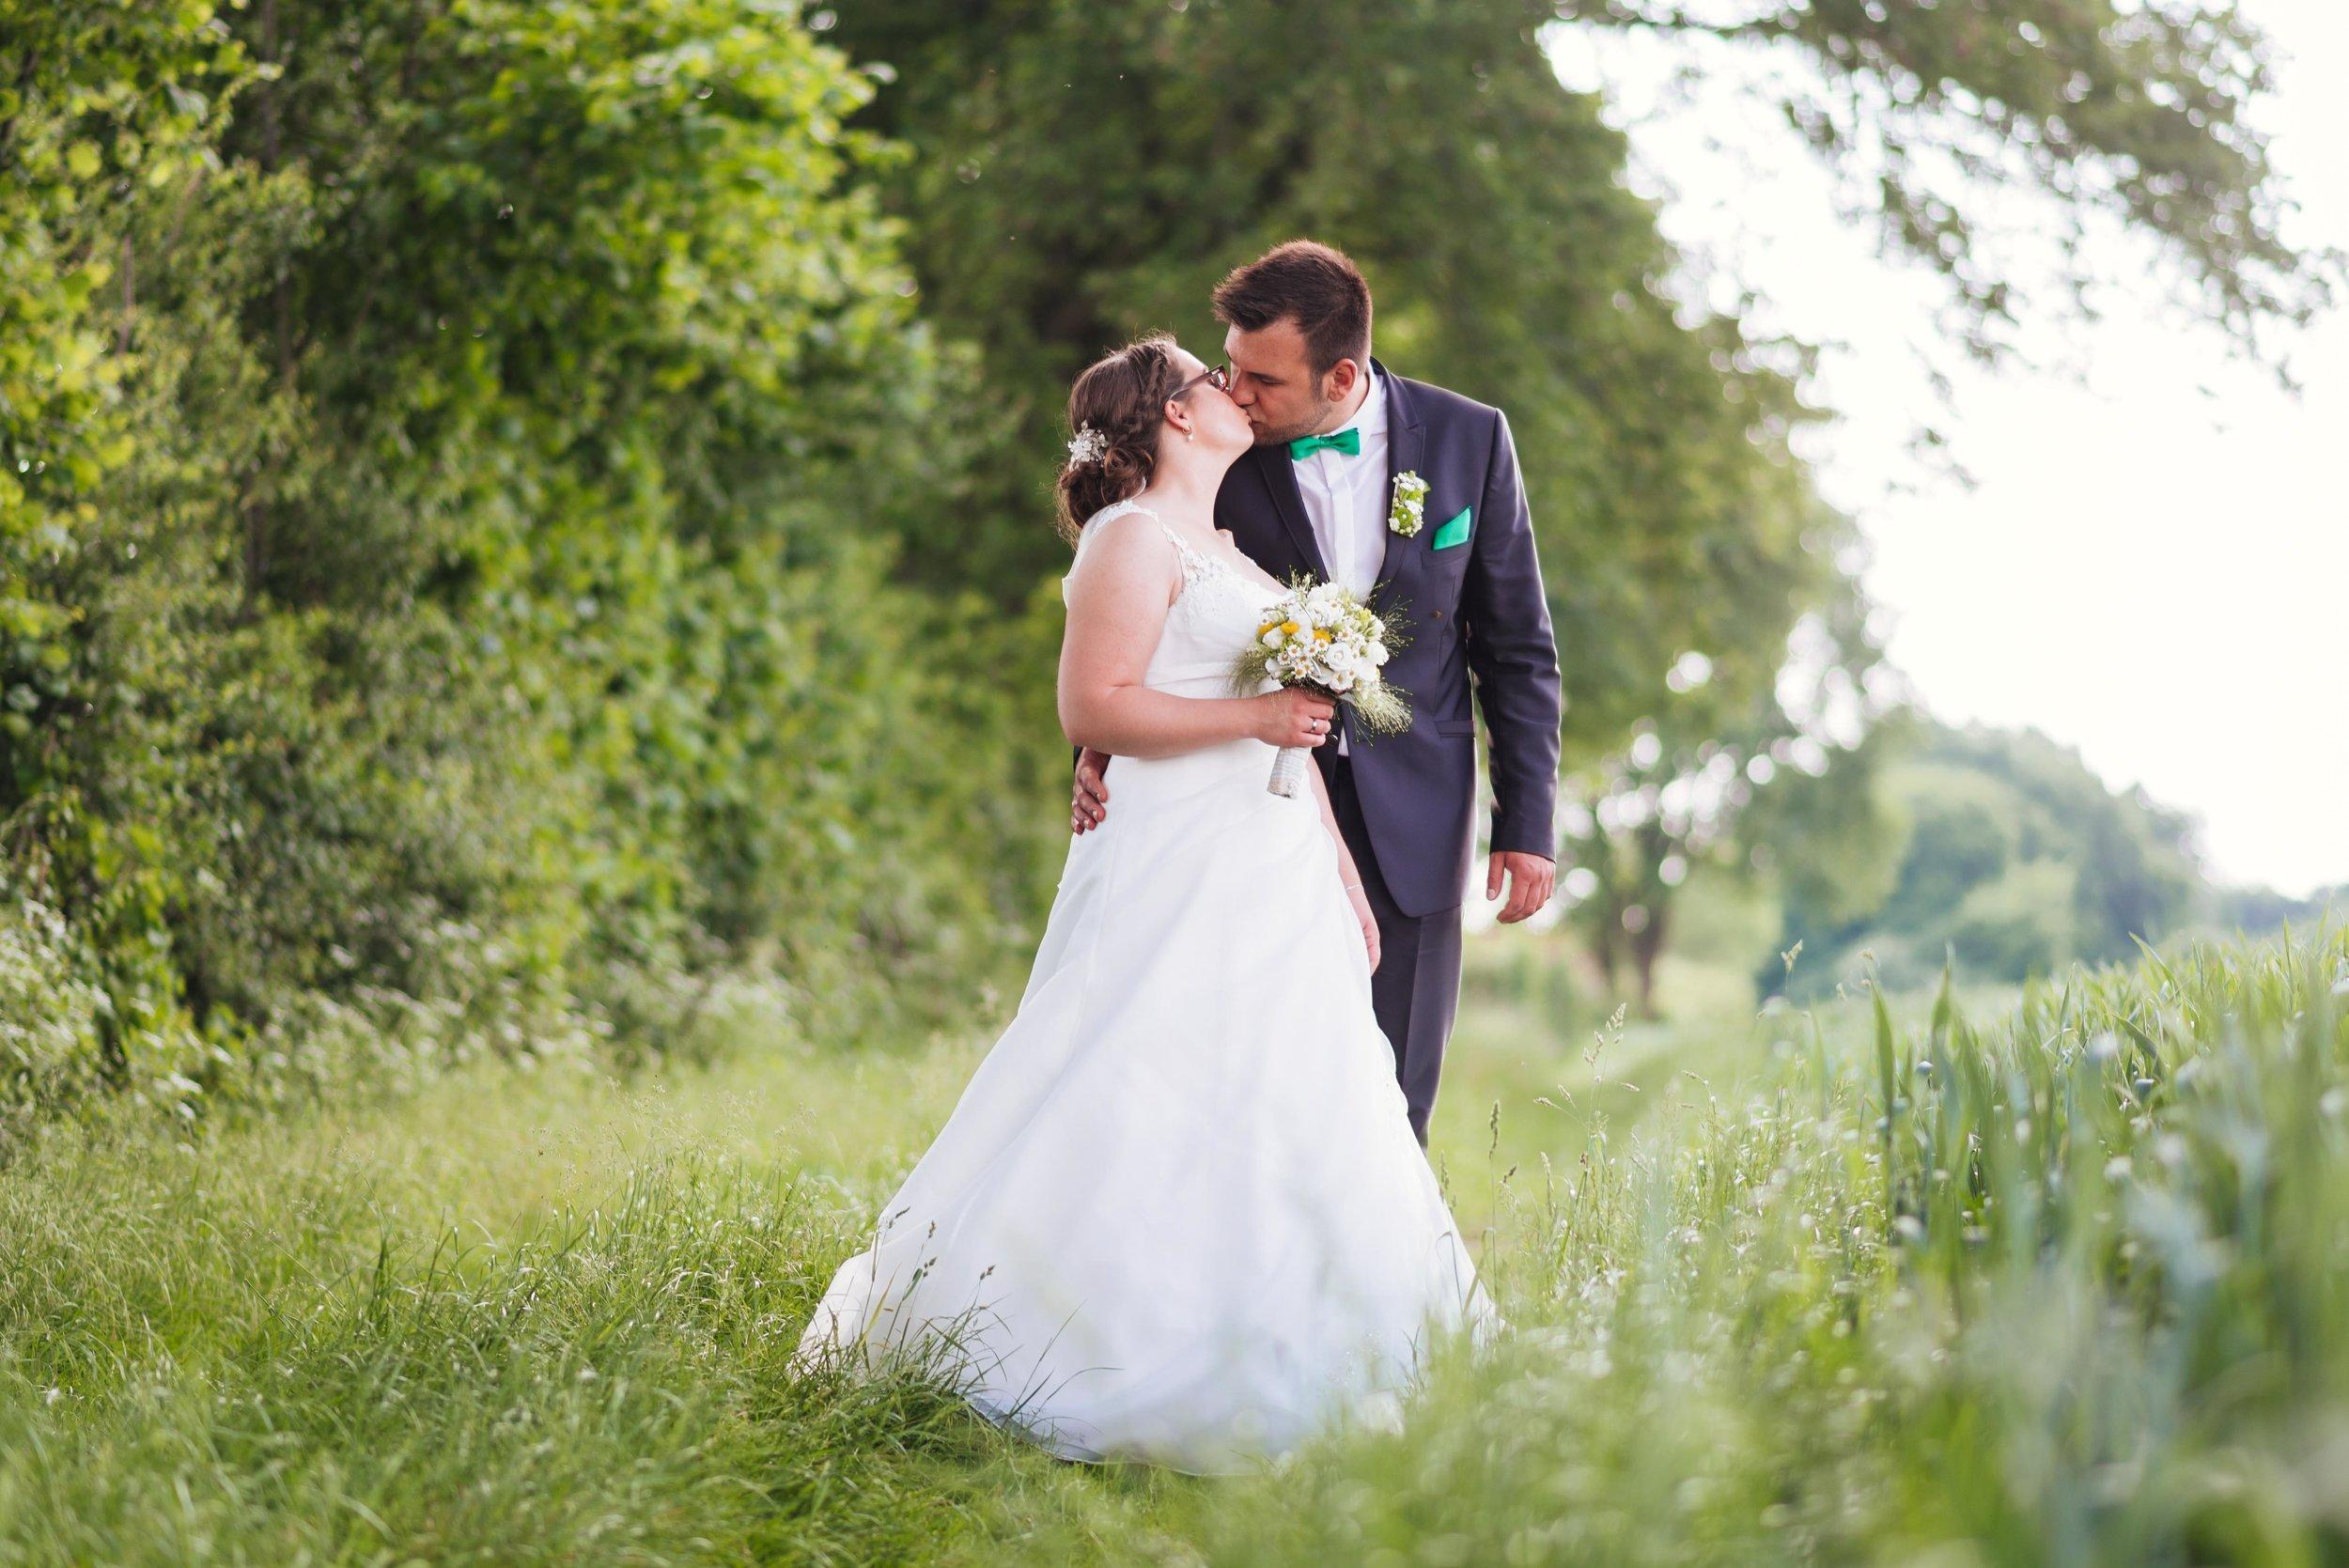 Hochzeitsfotograf Telgte amato 8.jpg